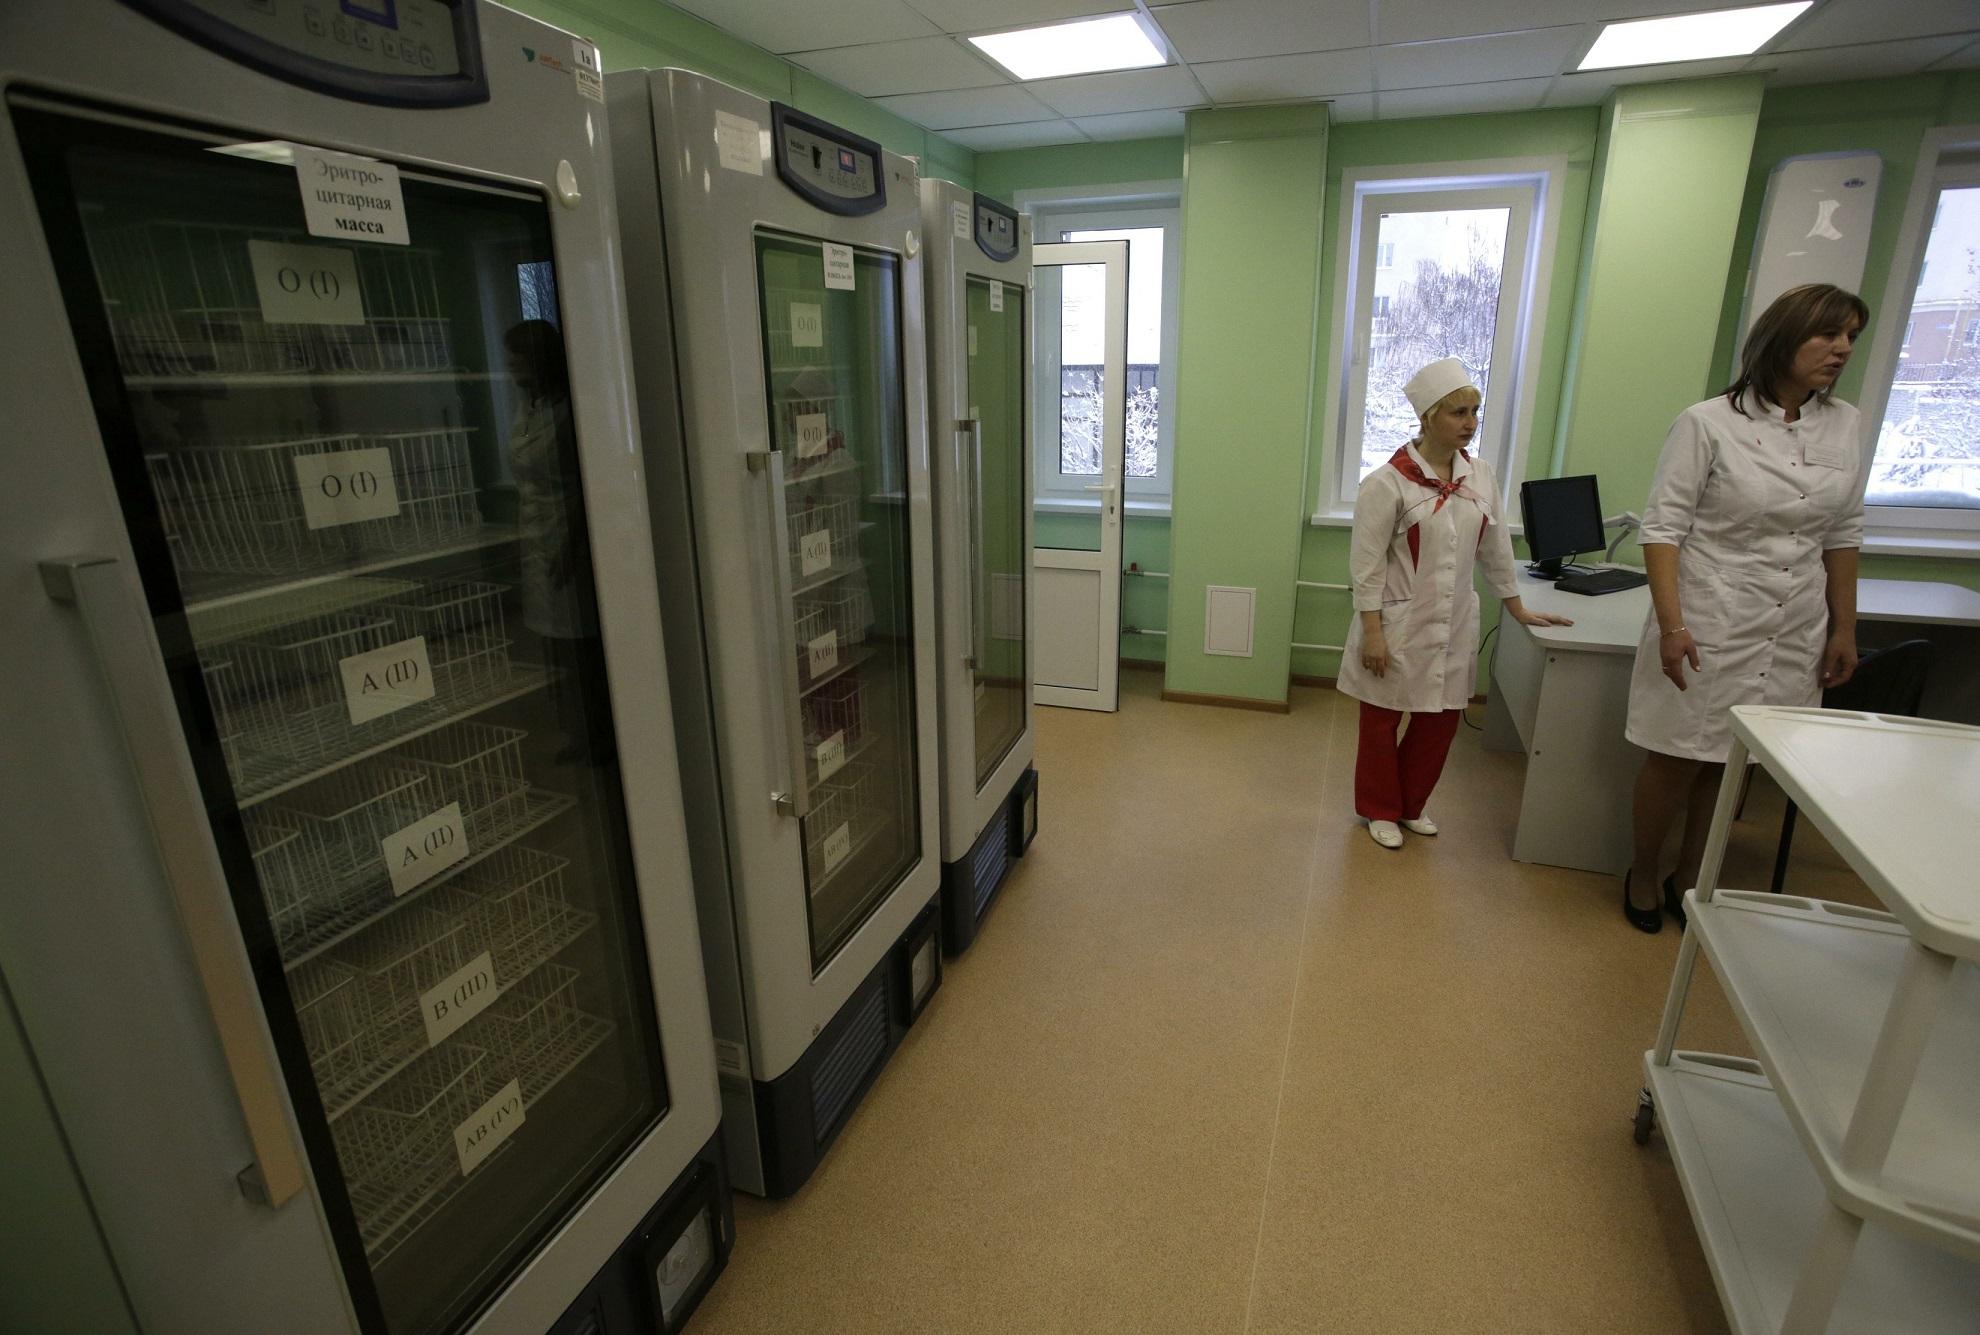 ВВолгограде медсестра психбольницы лишила пациента квартиры